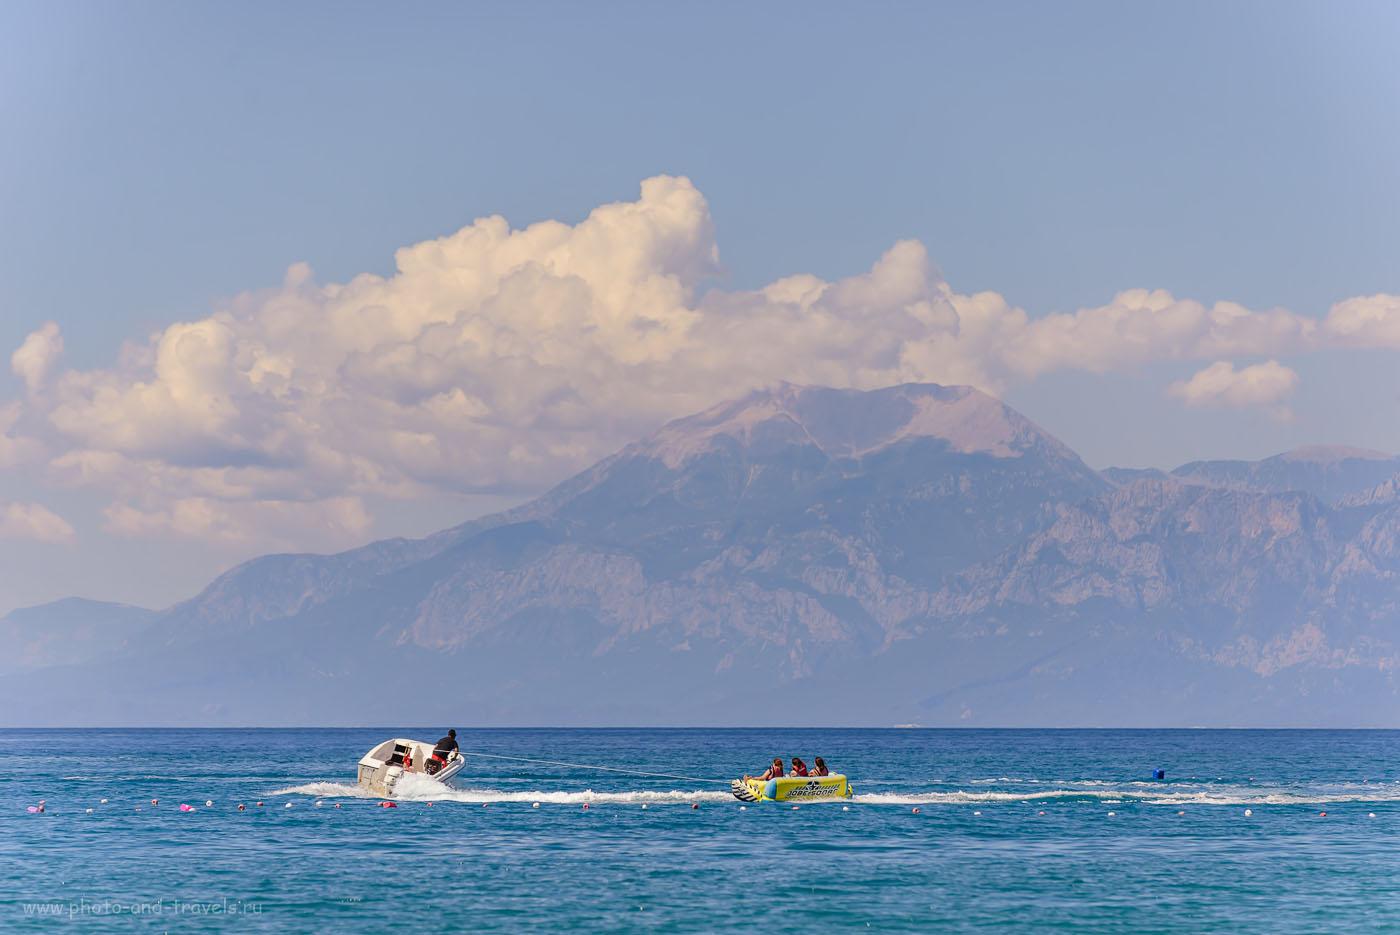 Фото 9. Вид с пляжа Лара в Анталии на Торосские горы, возвышающиеся над курортом Кемер. 1/2000, 5.0, 250, 180.